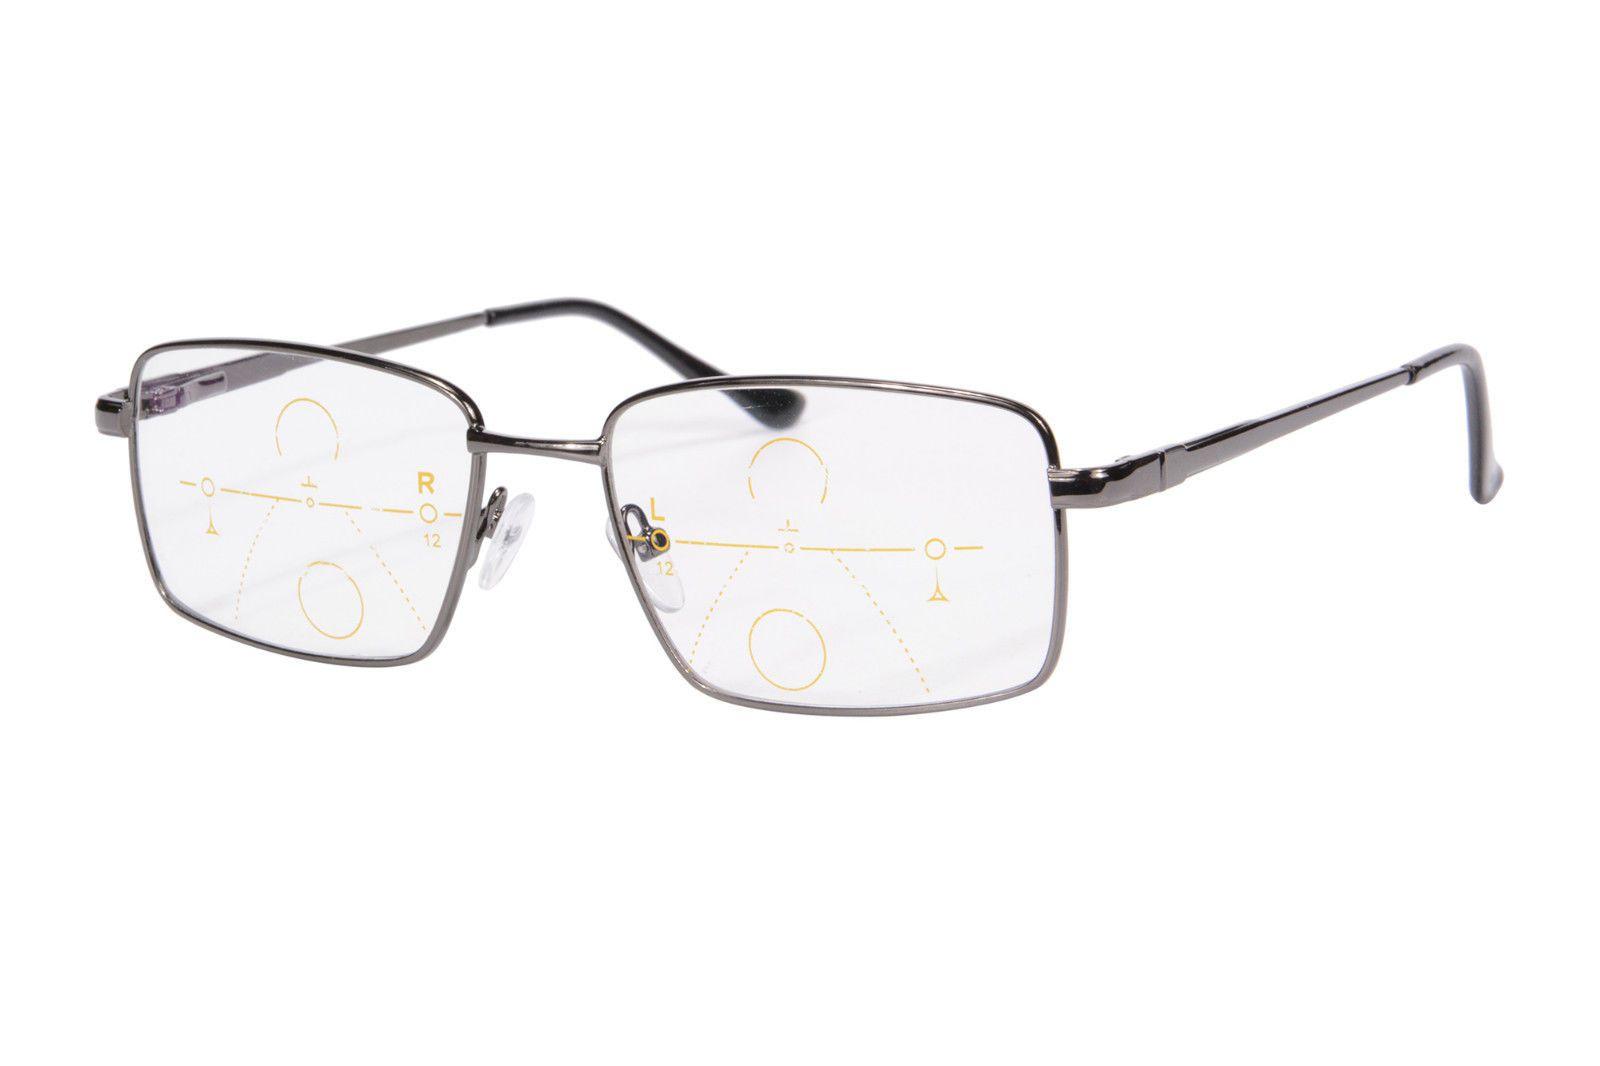 5c973faae89 Progressive Multifocal Reading Glasses Full Metal Frame Presbyopia  Eyeglasses-SH030